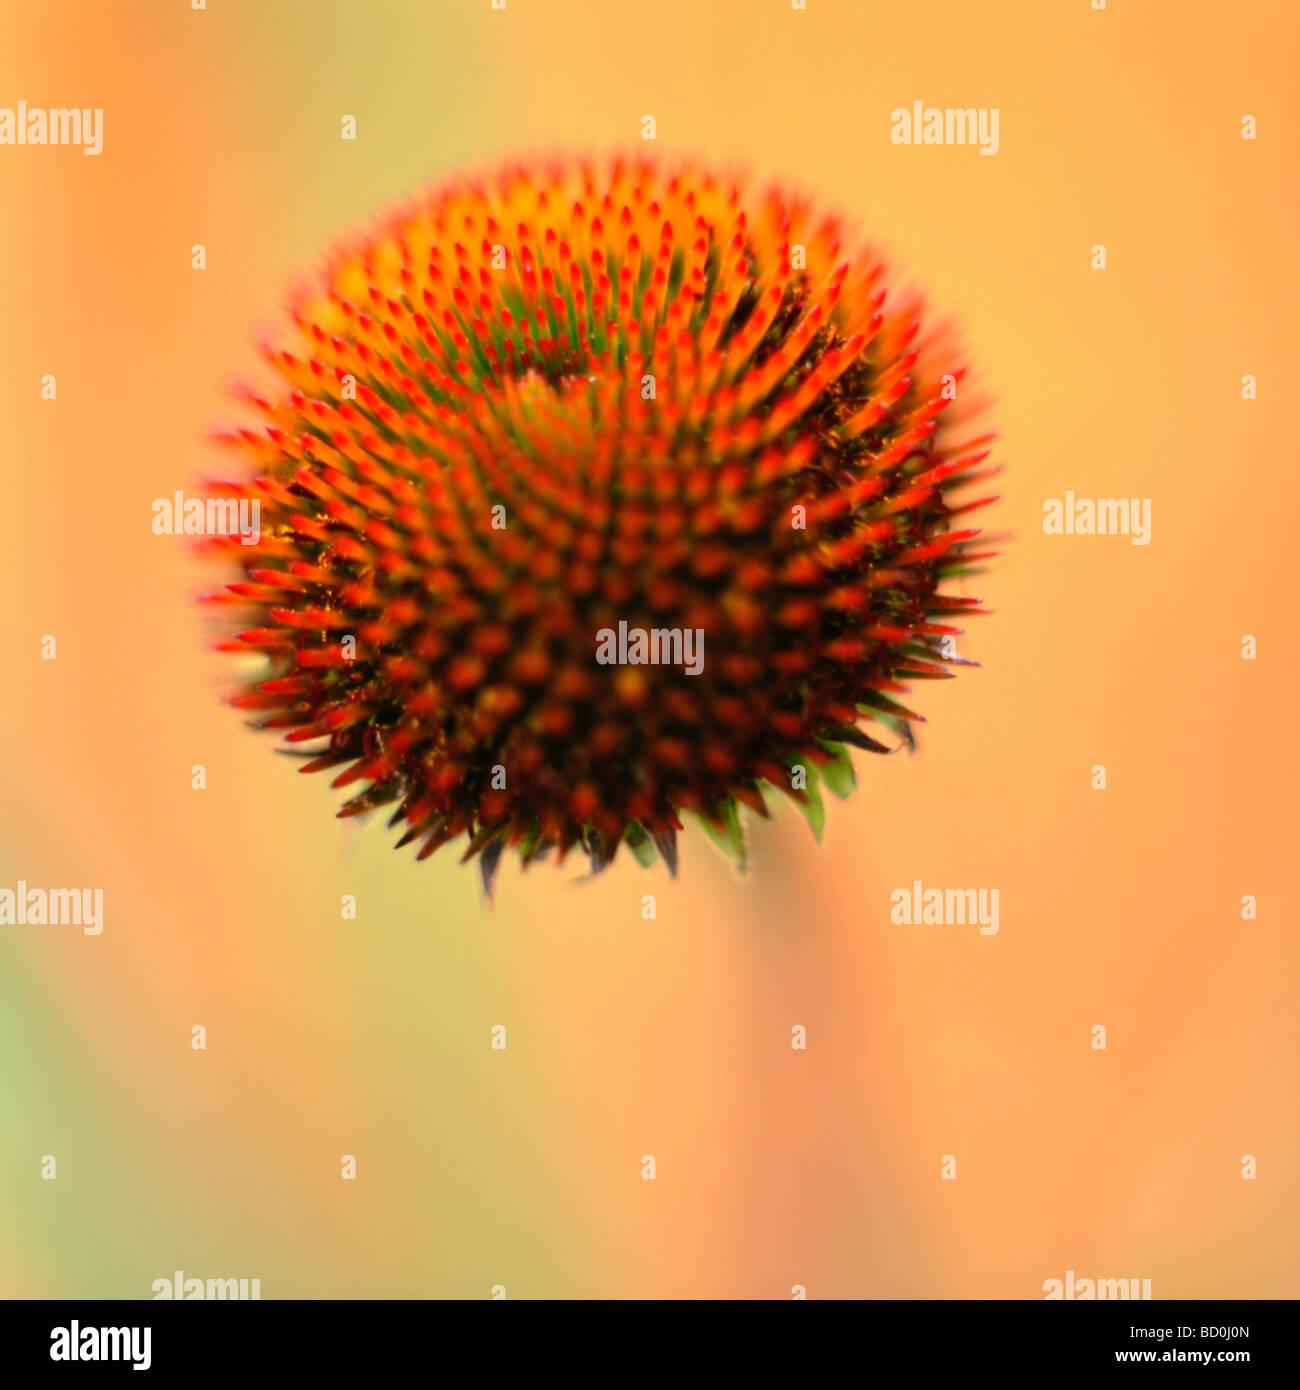 Une fleur voyante trouvés dans les médicaments à base de fine art photography Photographie Jane Ann Photo Stock